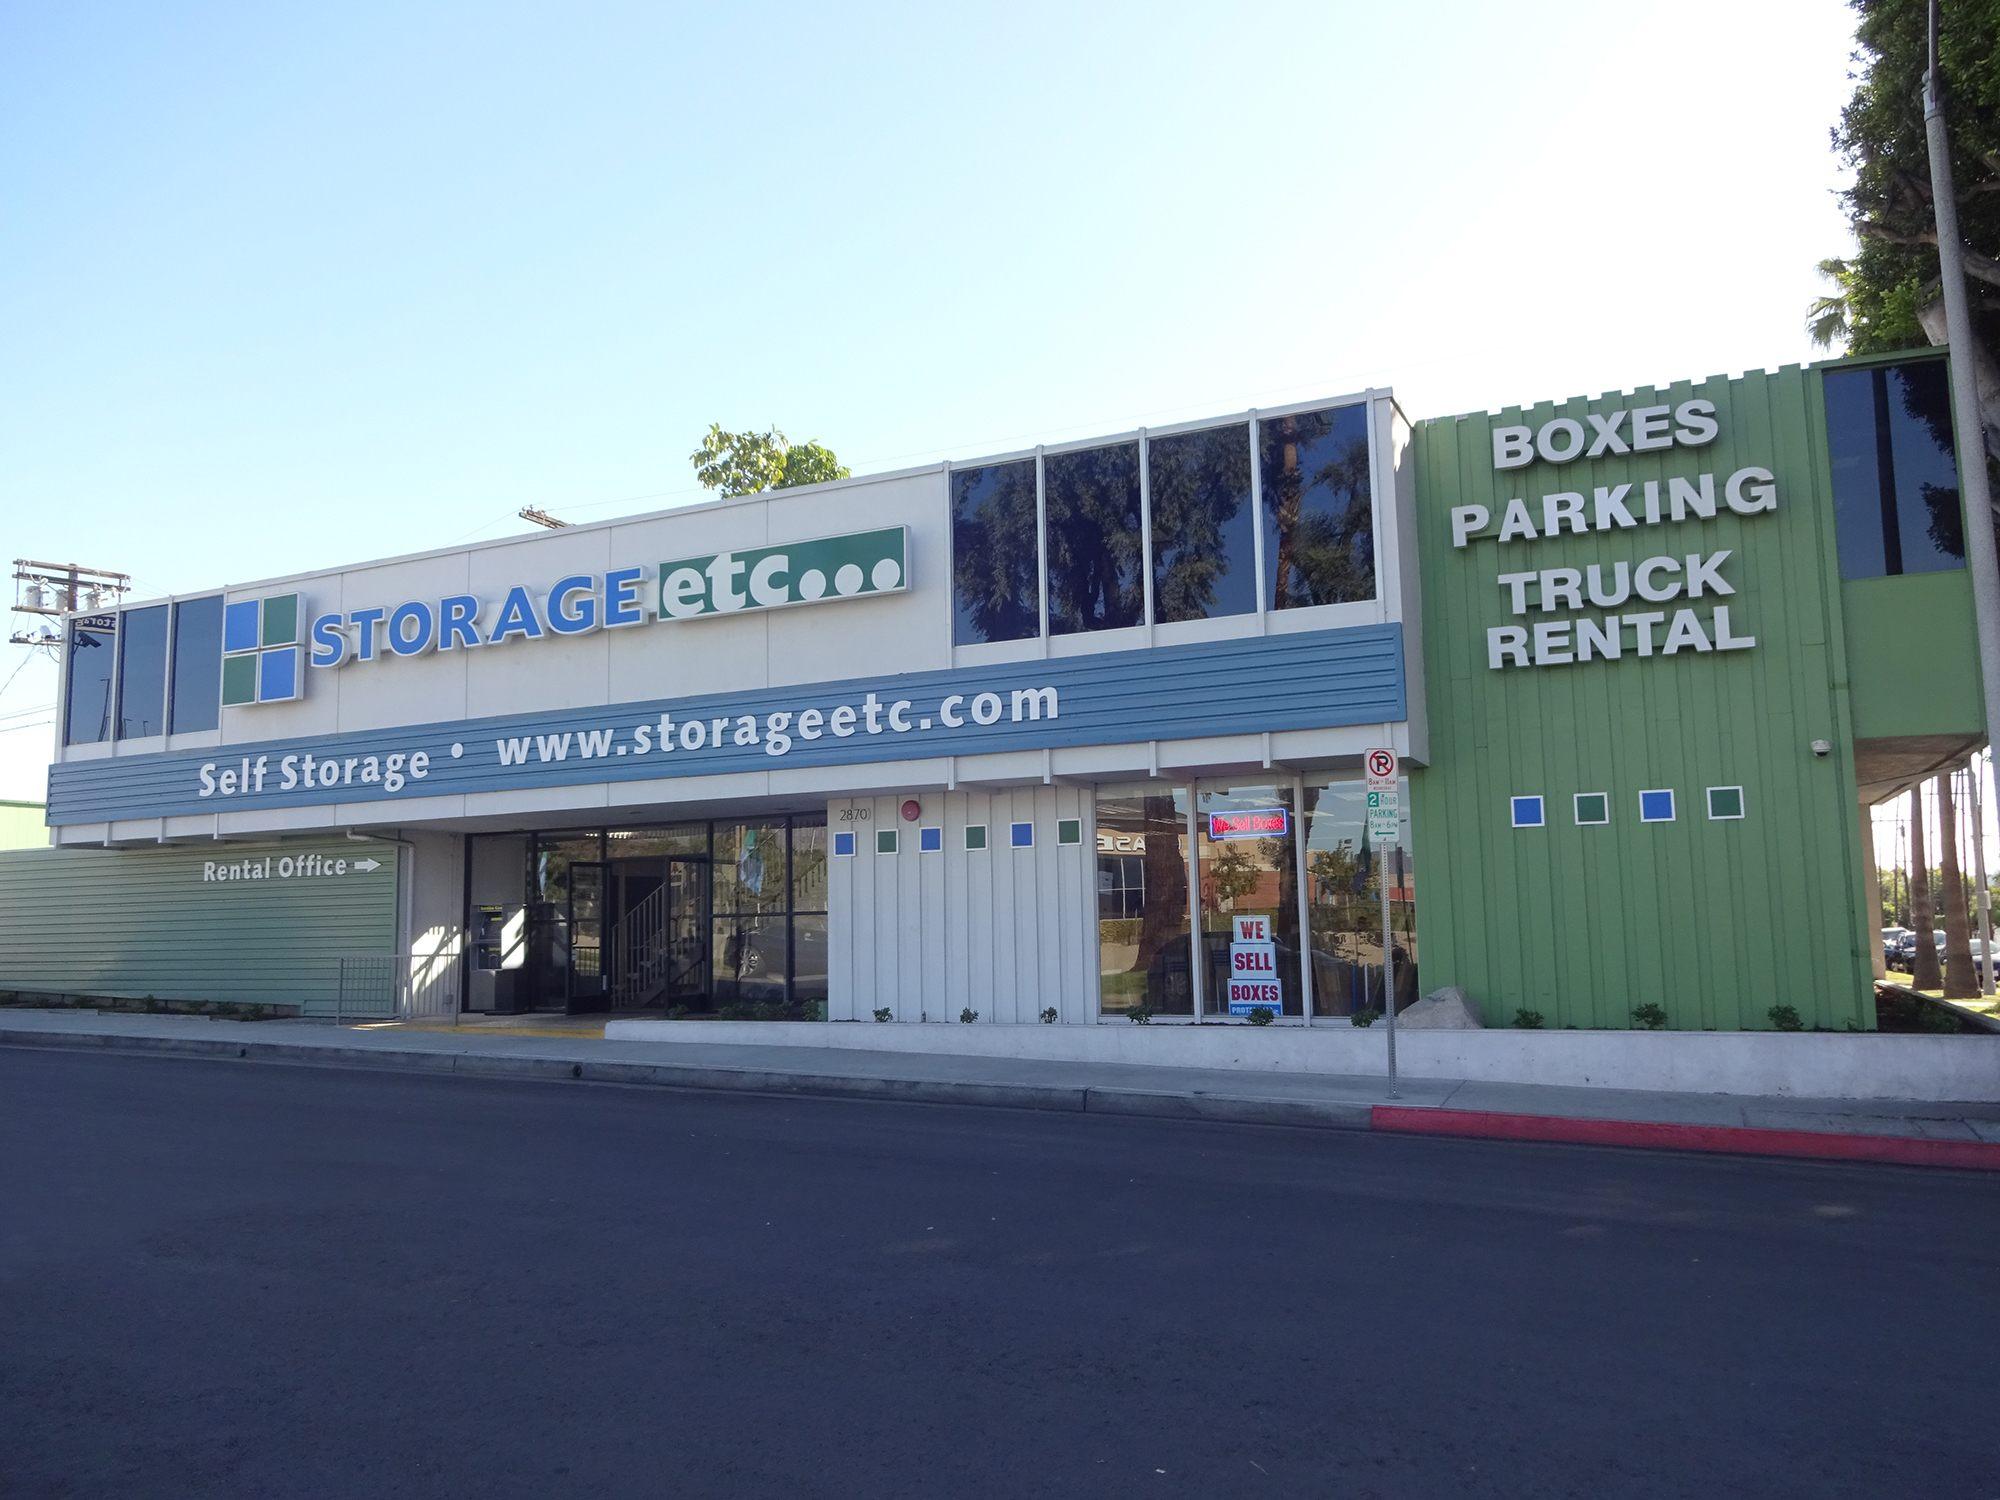 Self Storage Rental Office at Storage Etc... Los Feliz